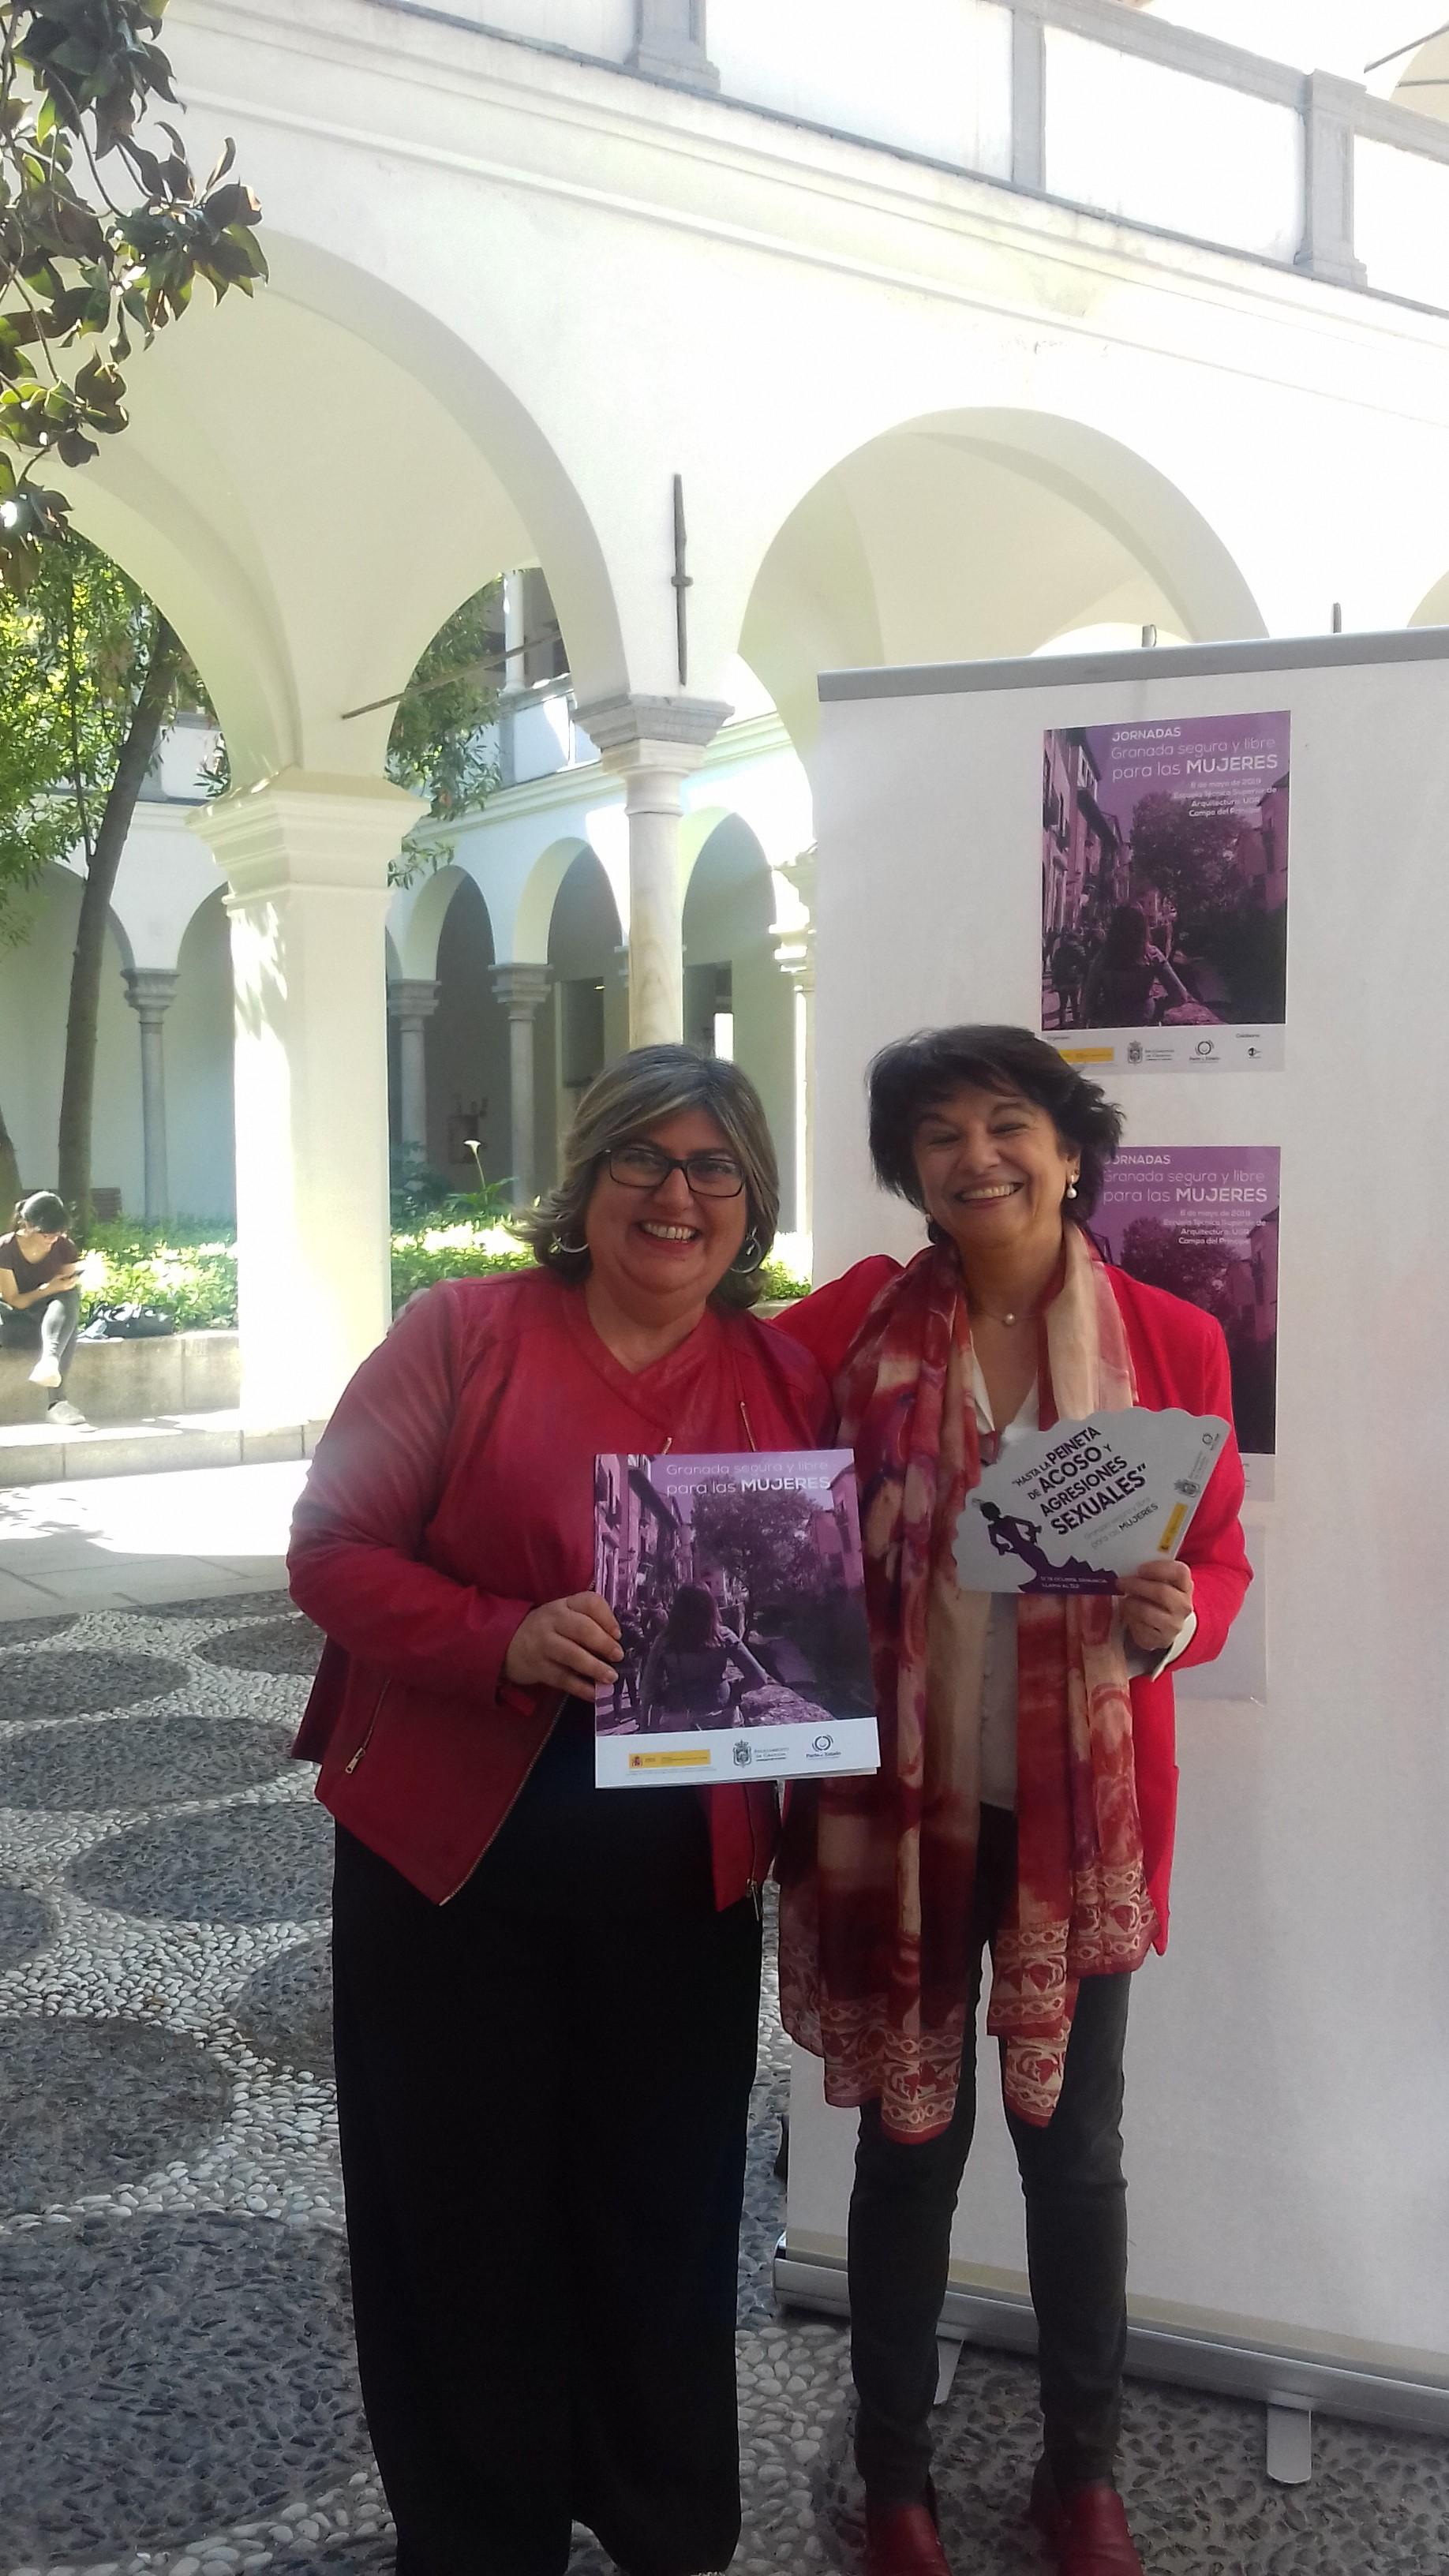 La Escuela de Arquitectura acoge las jornadas 'Granada segura y libre para las Mujeres' dentro del V Plan de Igualdad